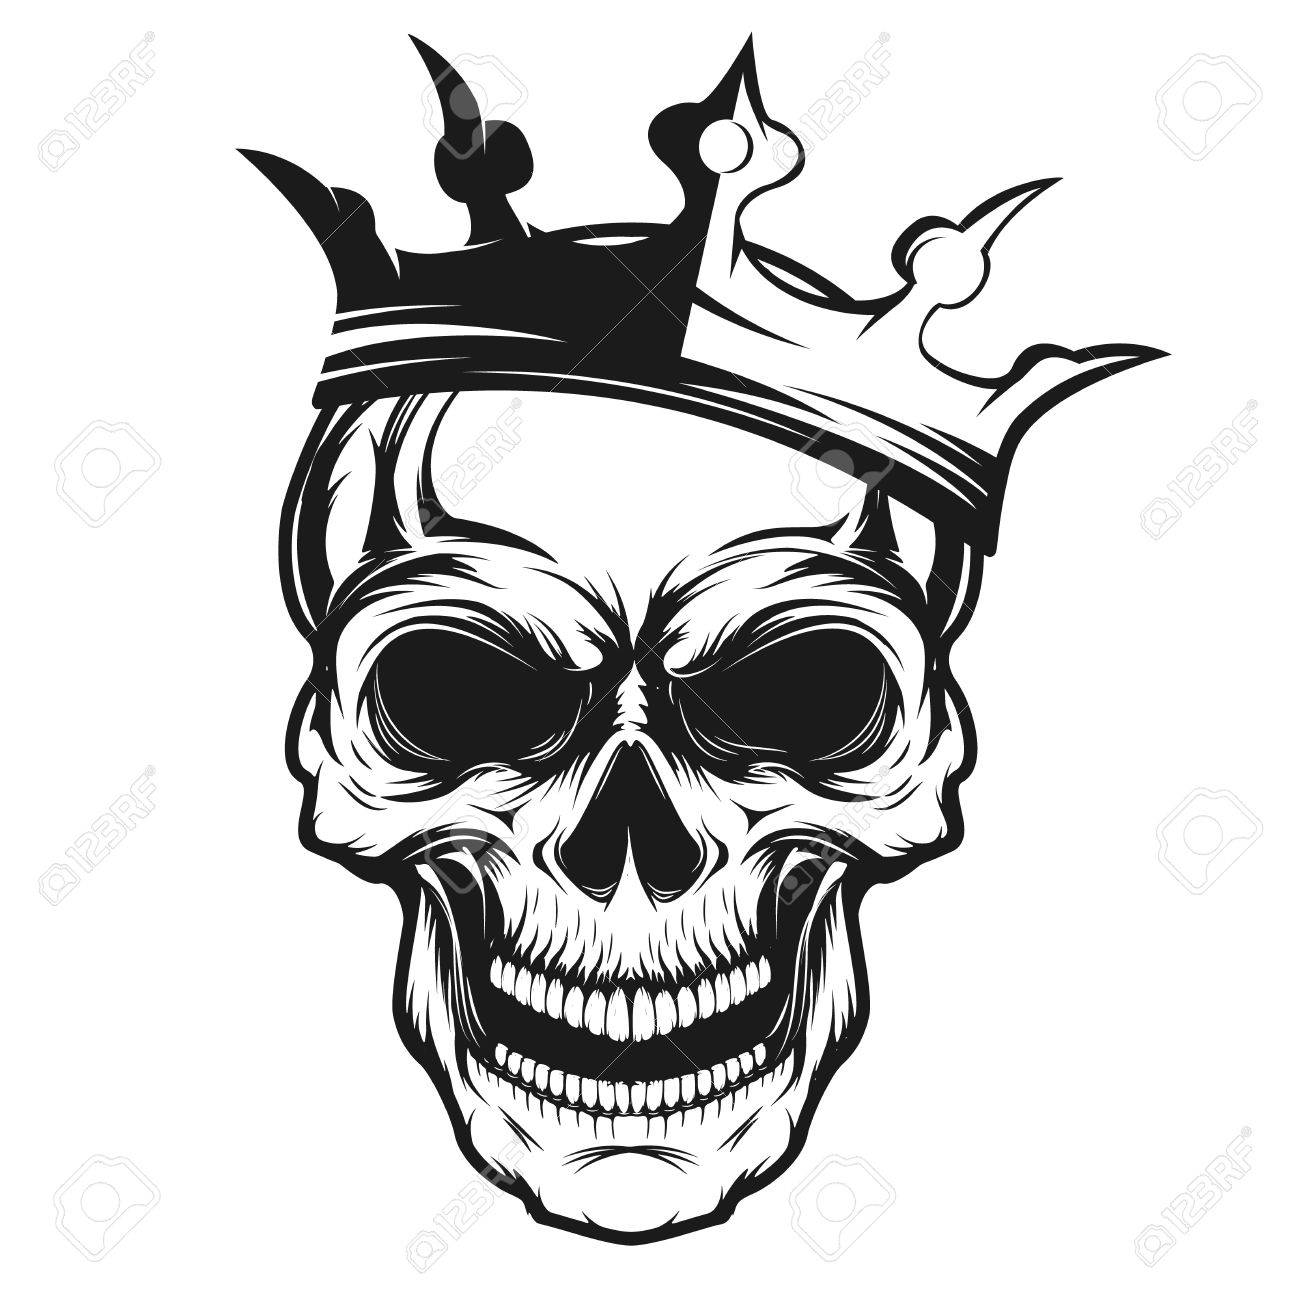 Skull with crown. Design element for emblem, badge, sign, t-shirt print. Vector illustration. - 69649807